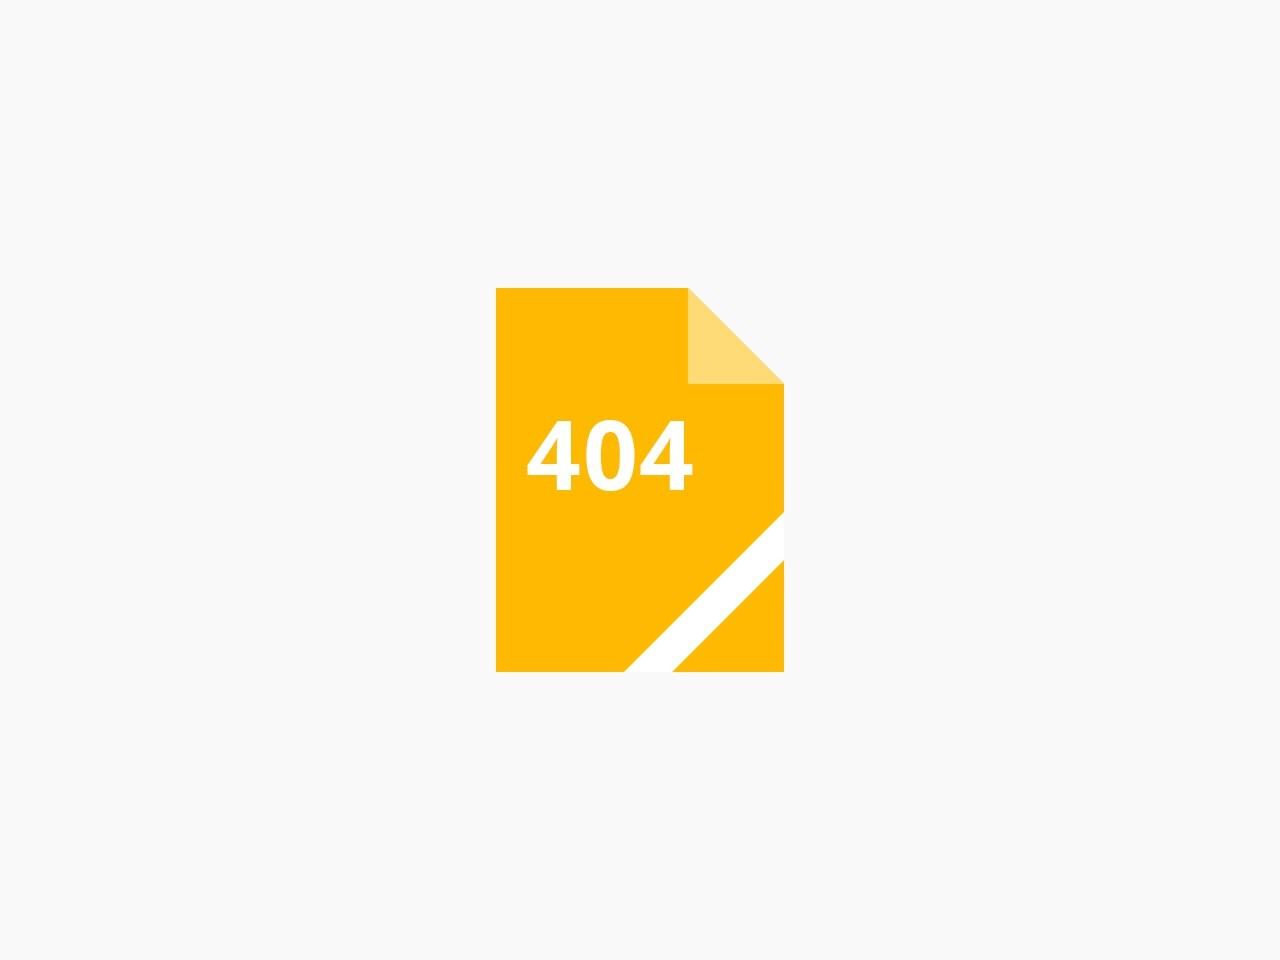 上田浩税理士事務所